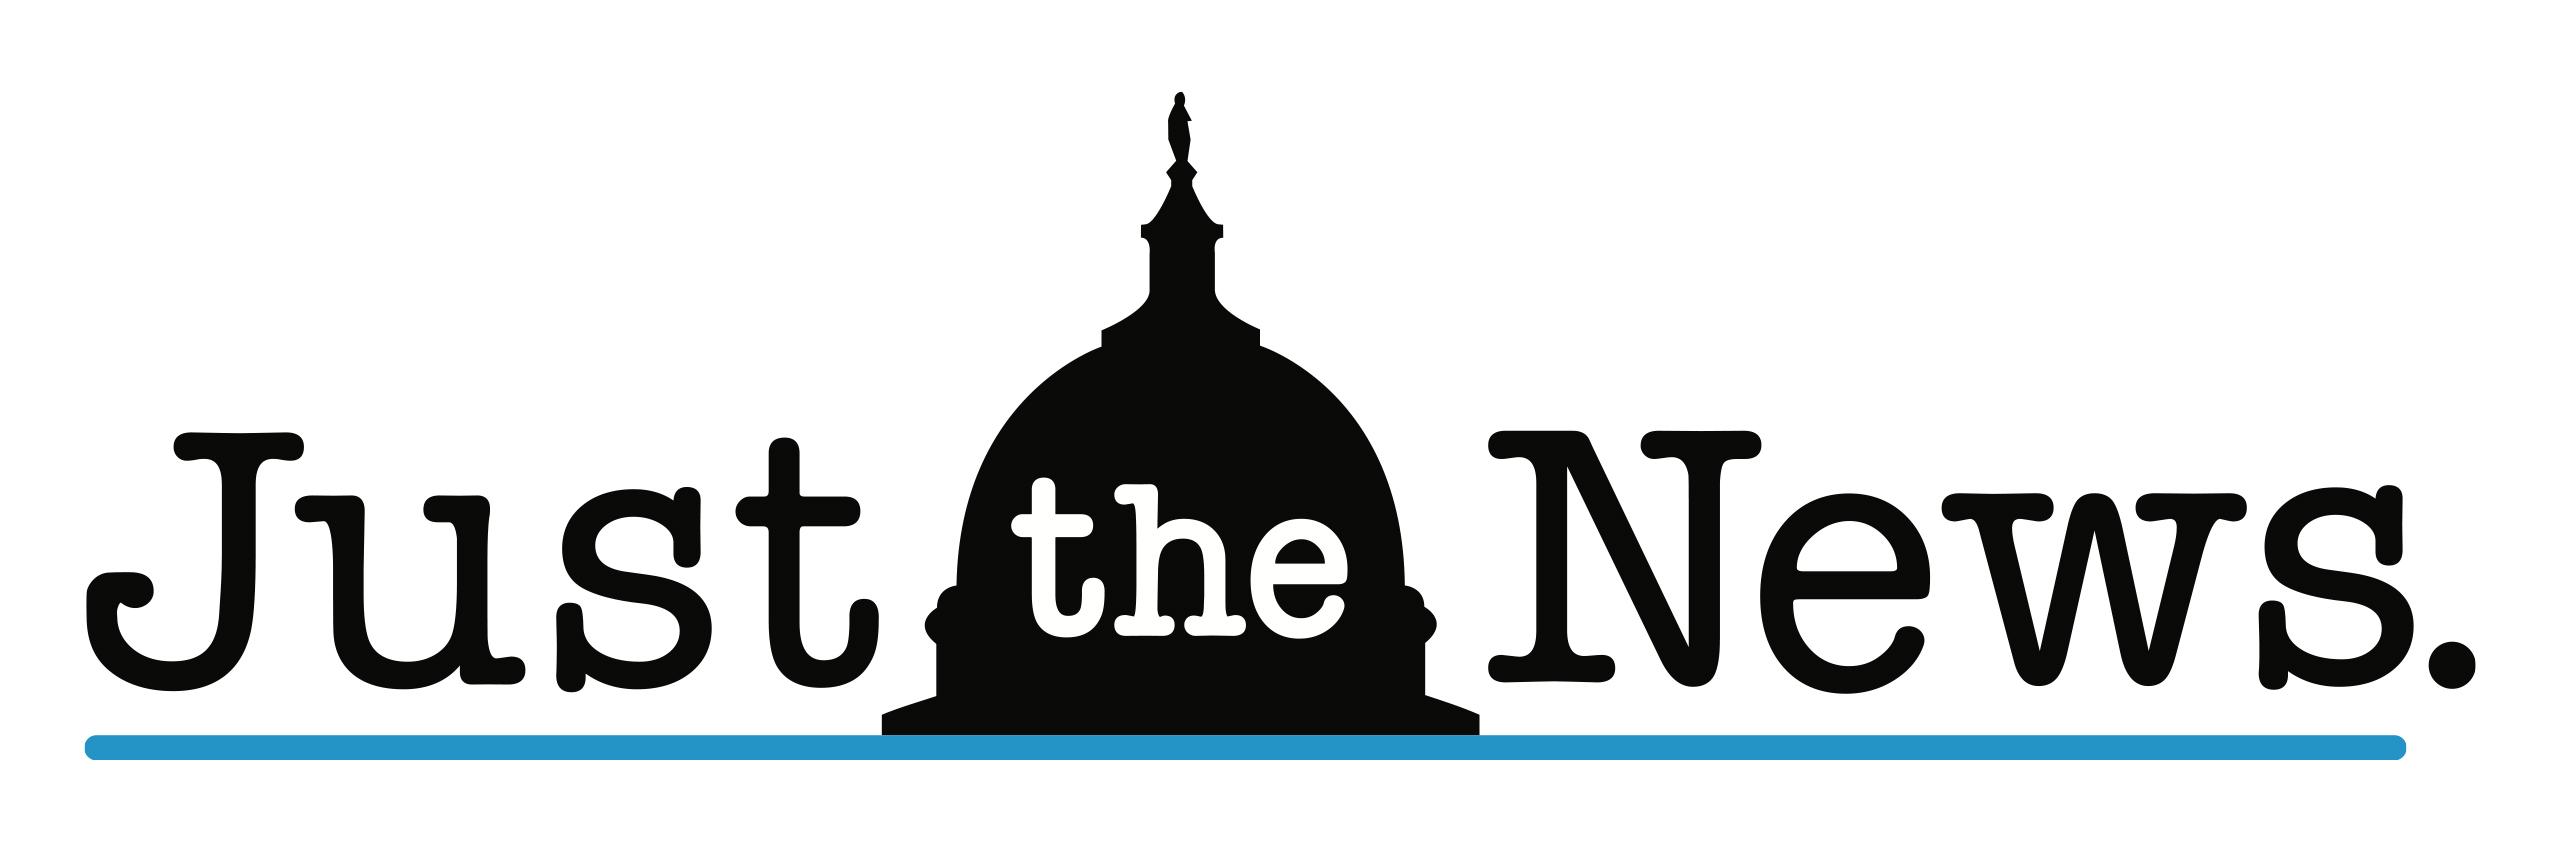 JustTheNews-header2